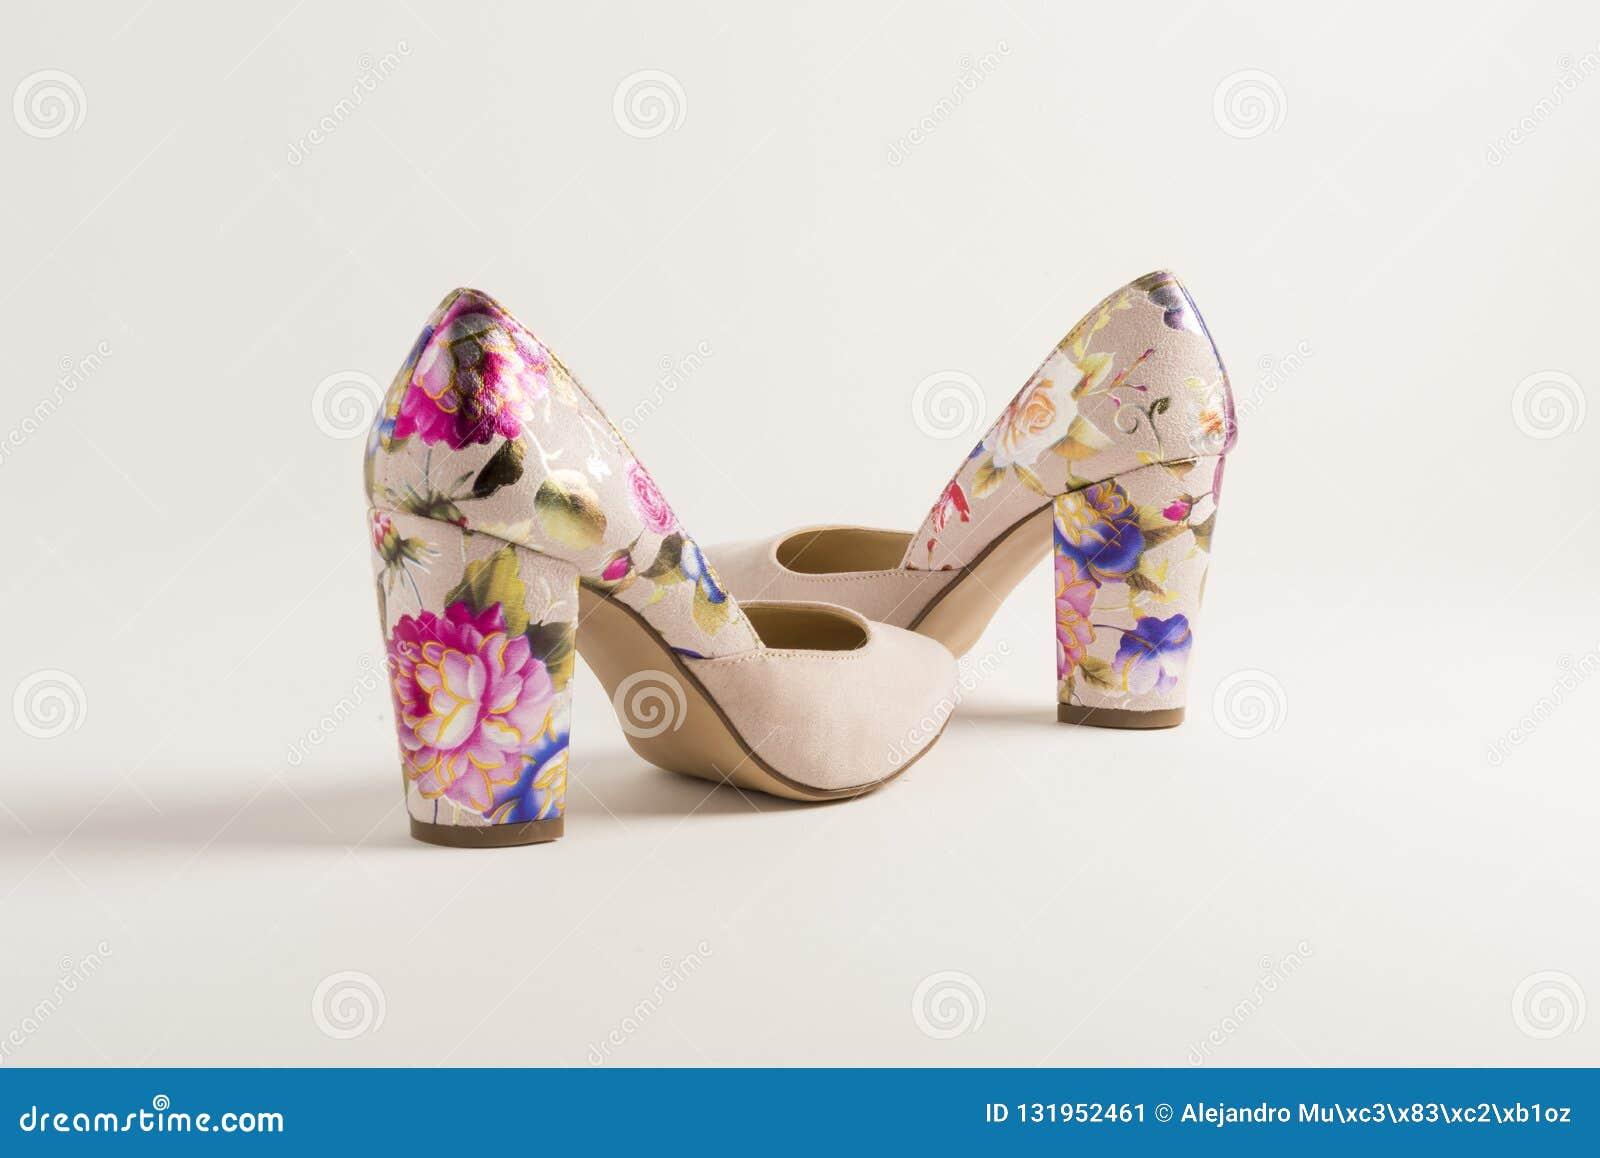 Rosa Stöckelschuh mit Stich von mexikanischen Blumen